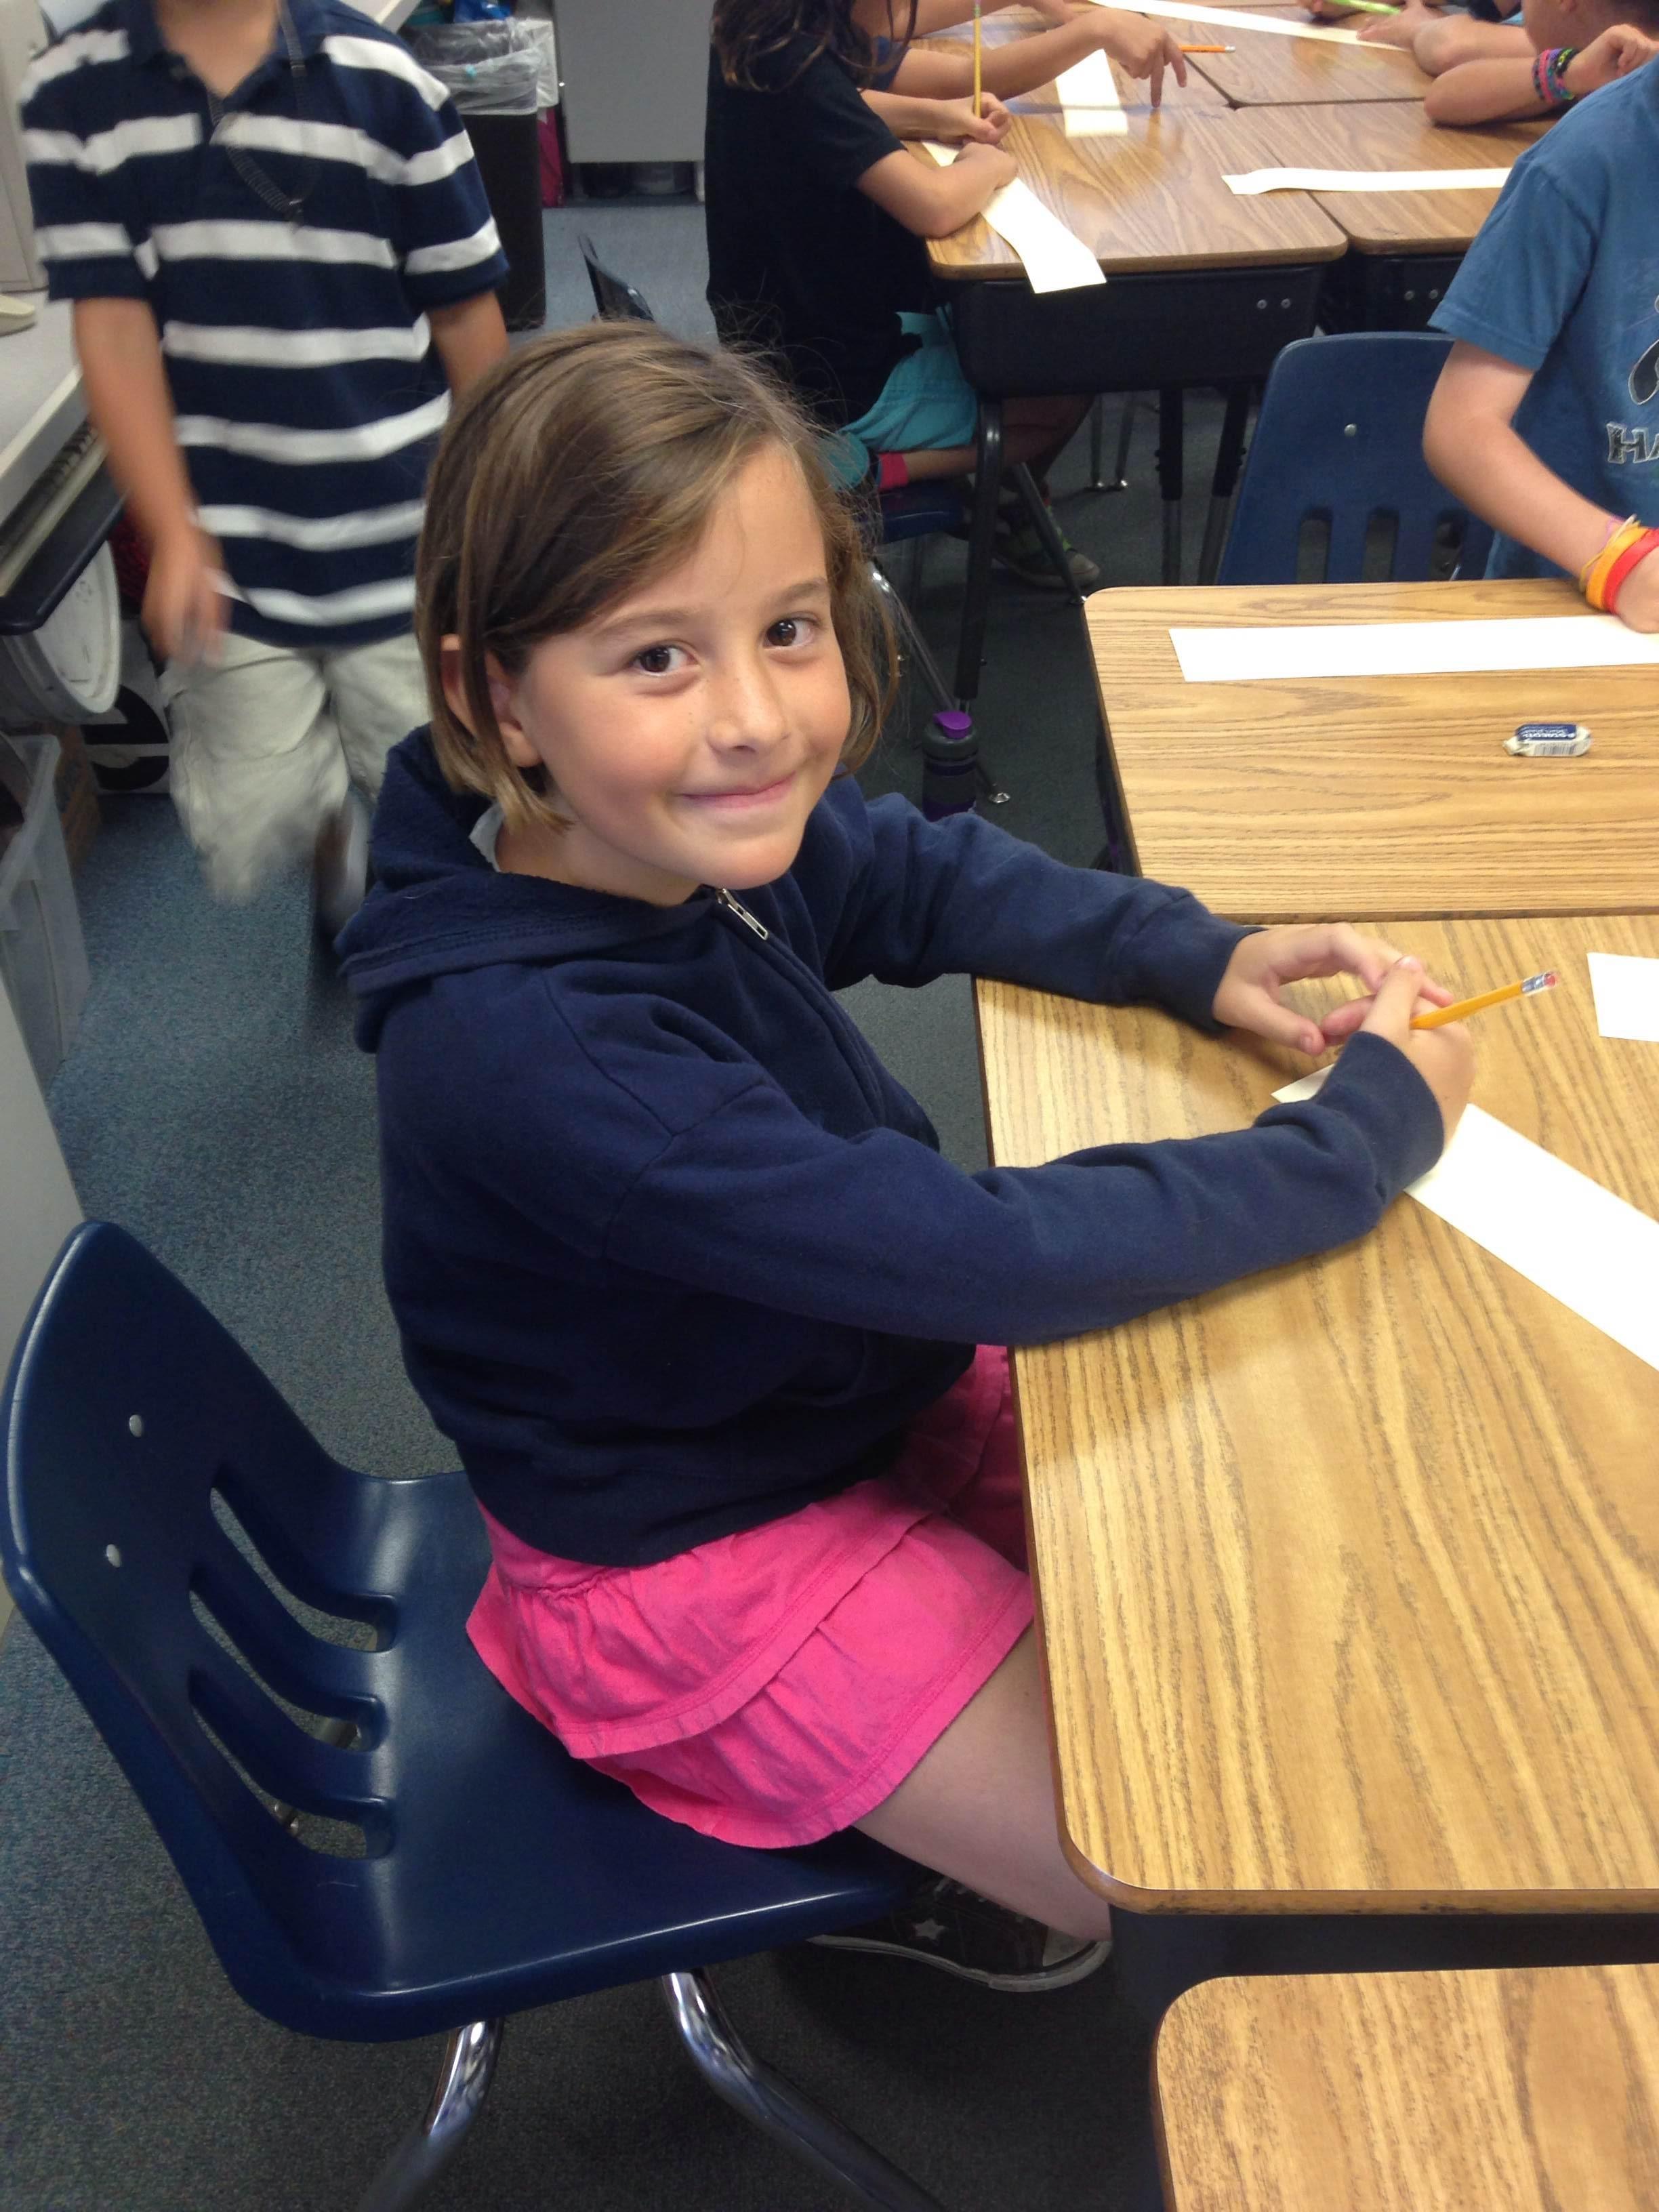 a third grade girl sits at a desk smiling at the camera